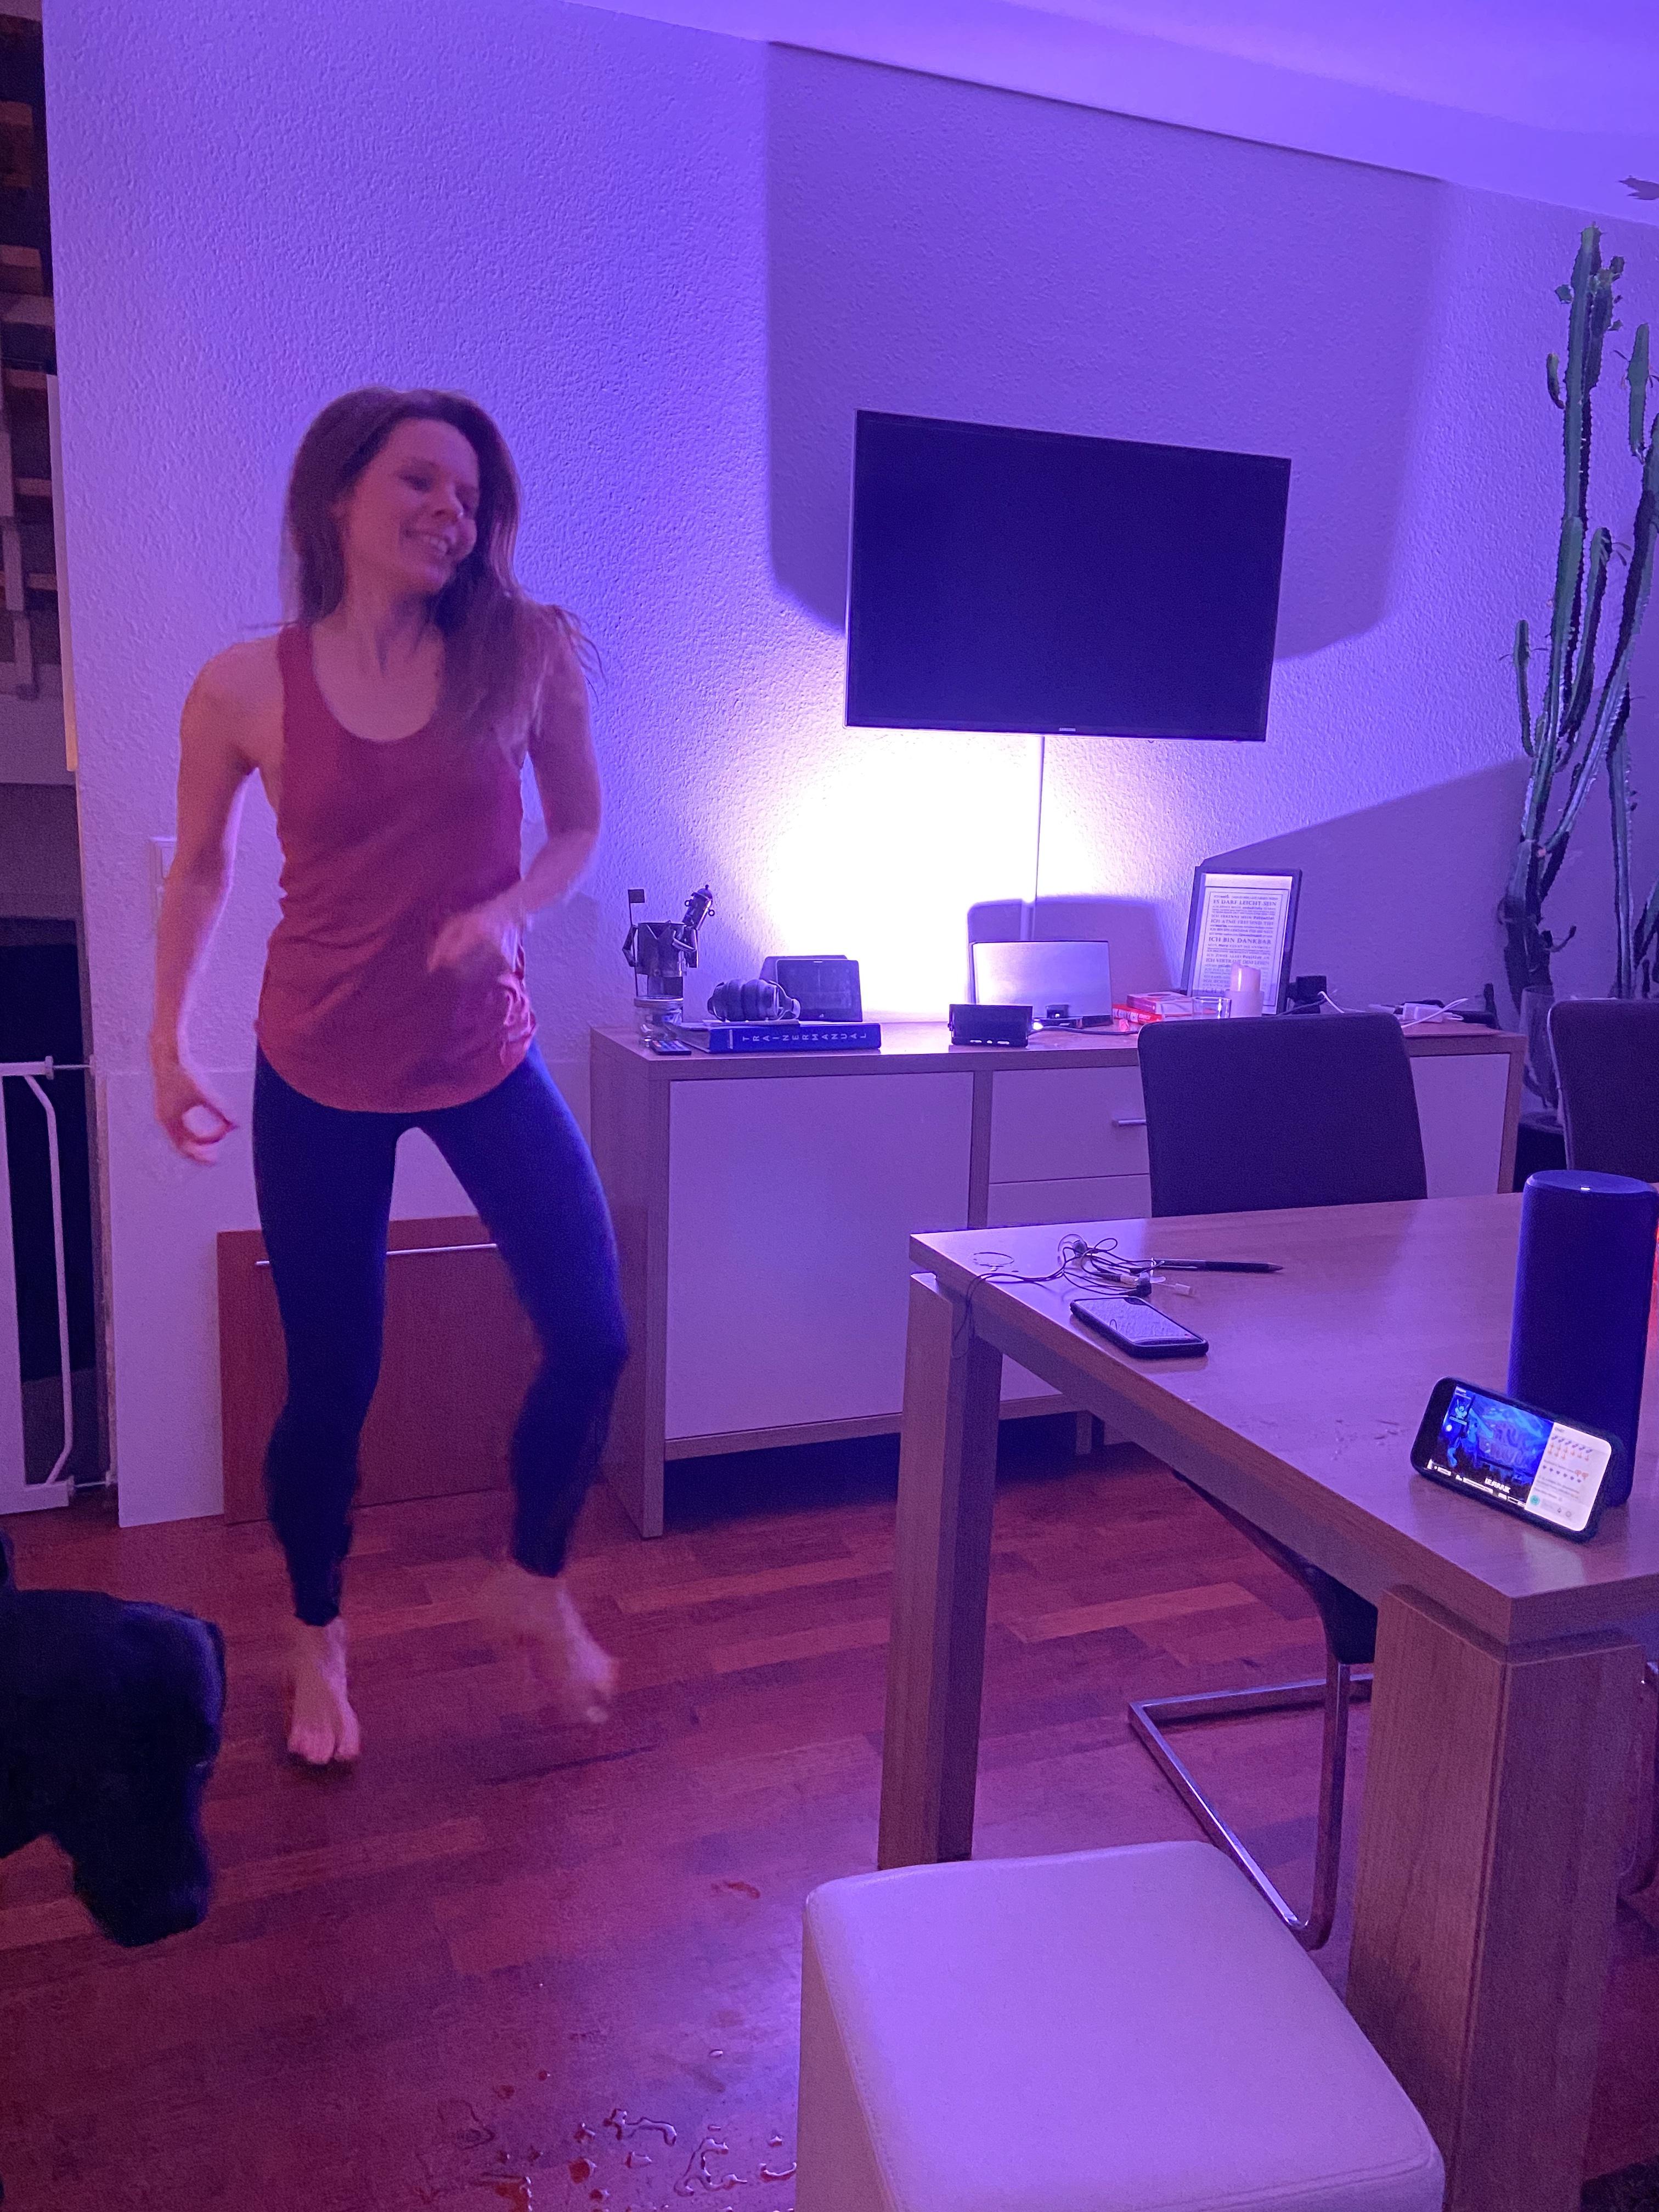 Frau im Sportoutfit tanzt ausgelassen in einem Esszimmer. Das Zimmer wird von Discobeleuchtung erhellt.